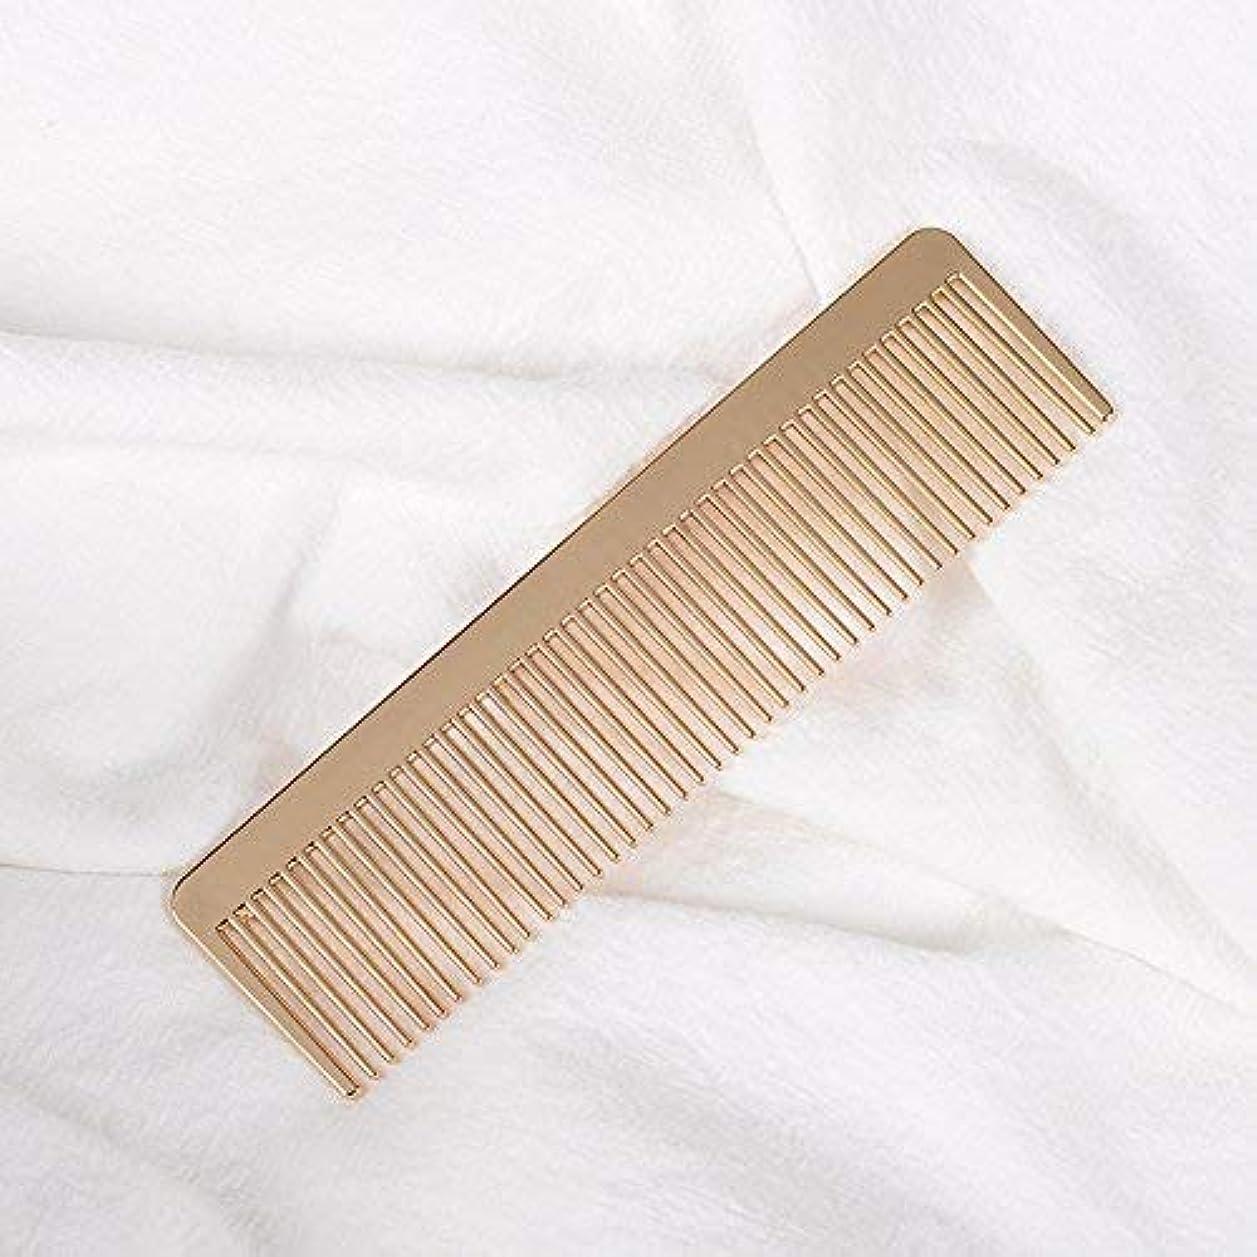 息苦しいパシフィック避難Grtdrm Portable Metal Comb, Minimalist Pocket Golden Hair Comb for Women Men Unisex [並行輸入品]